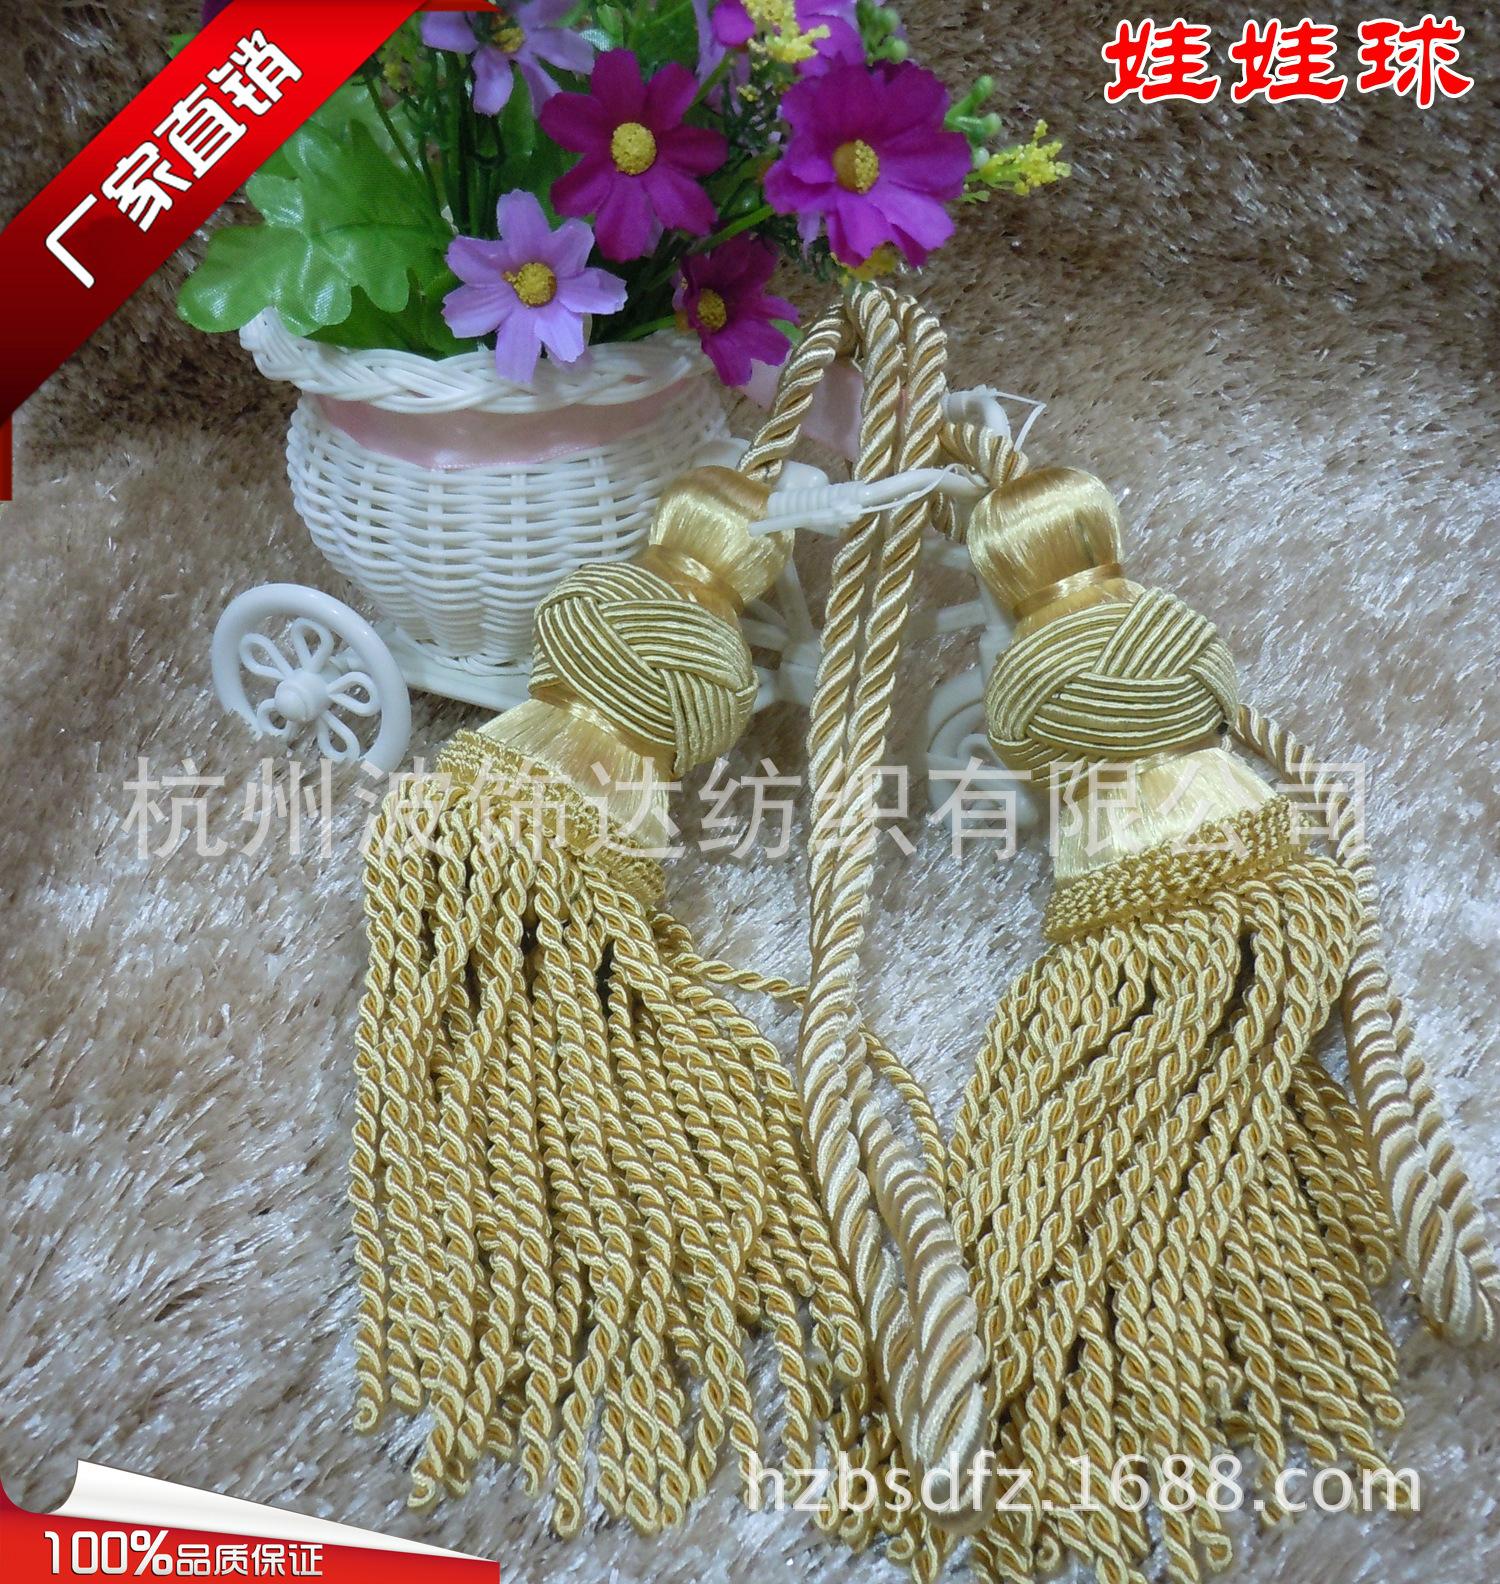 sợi tua   Supply of lace, tassels lob